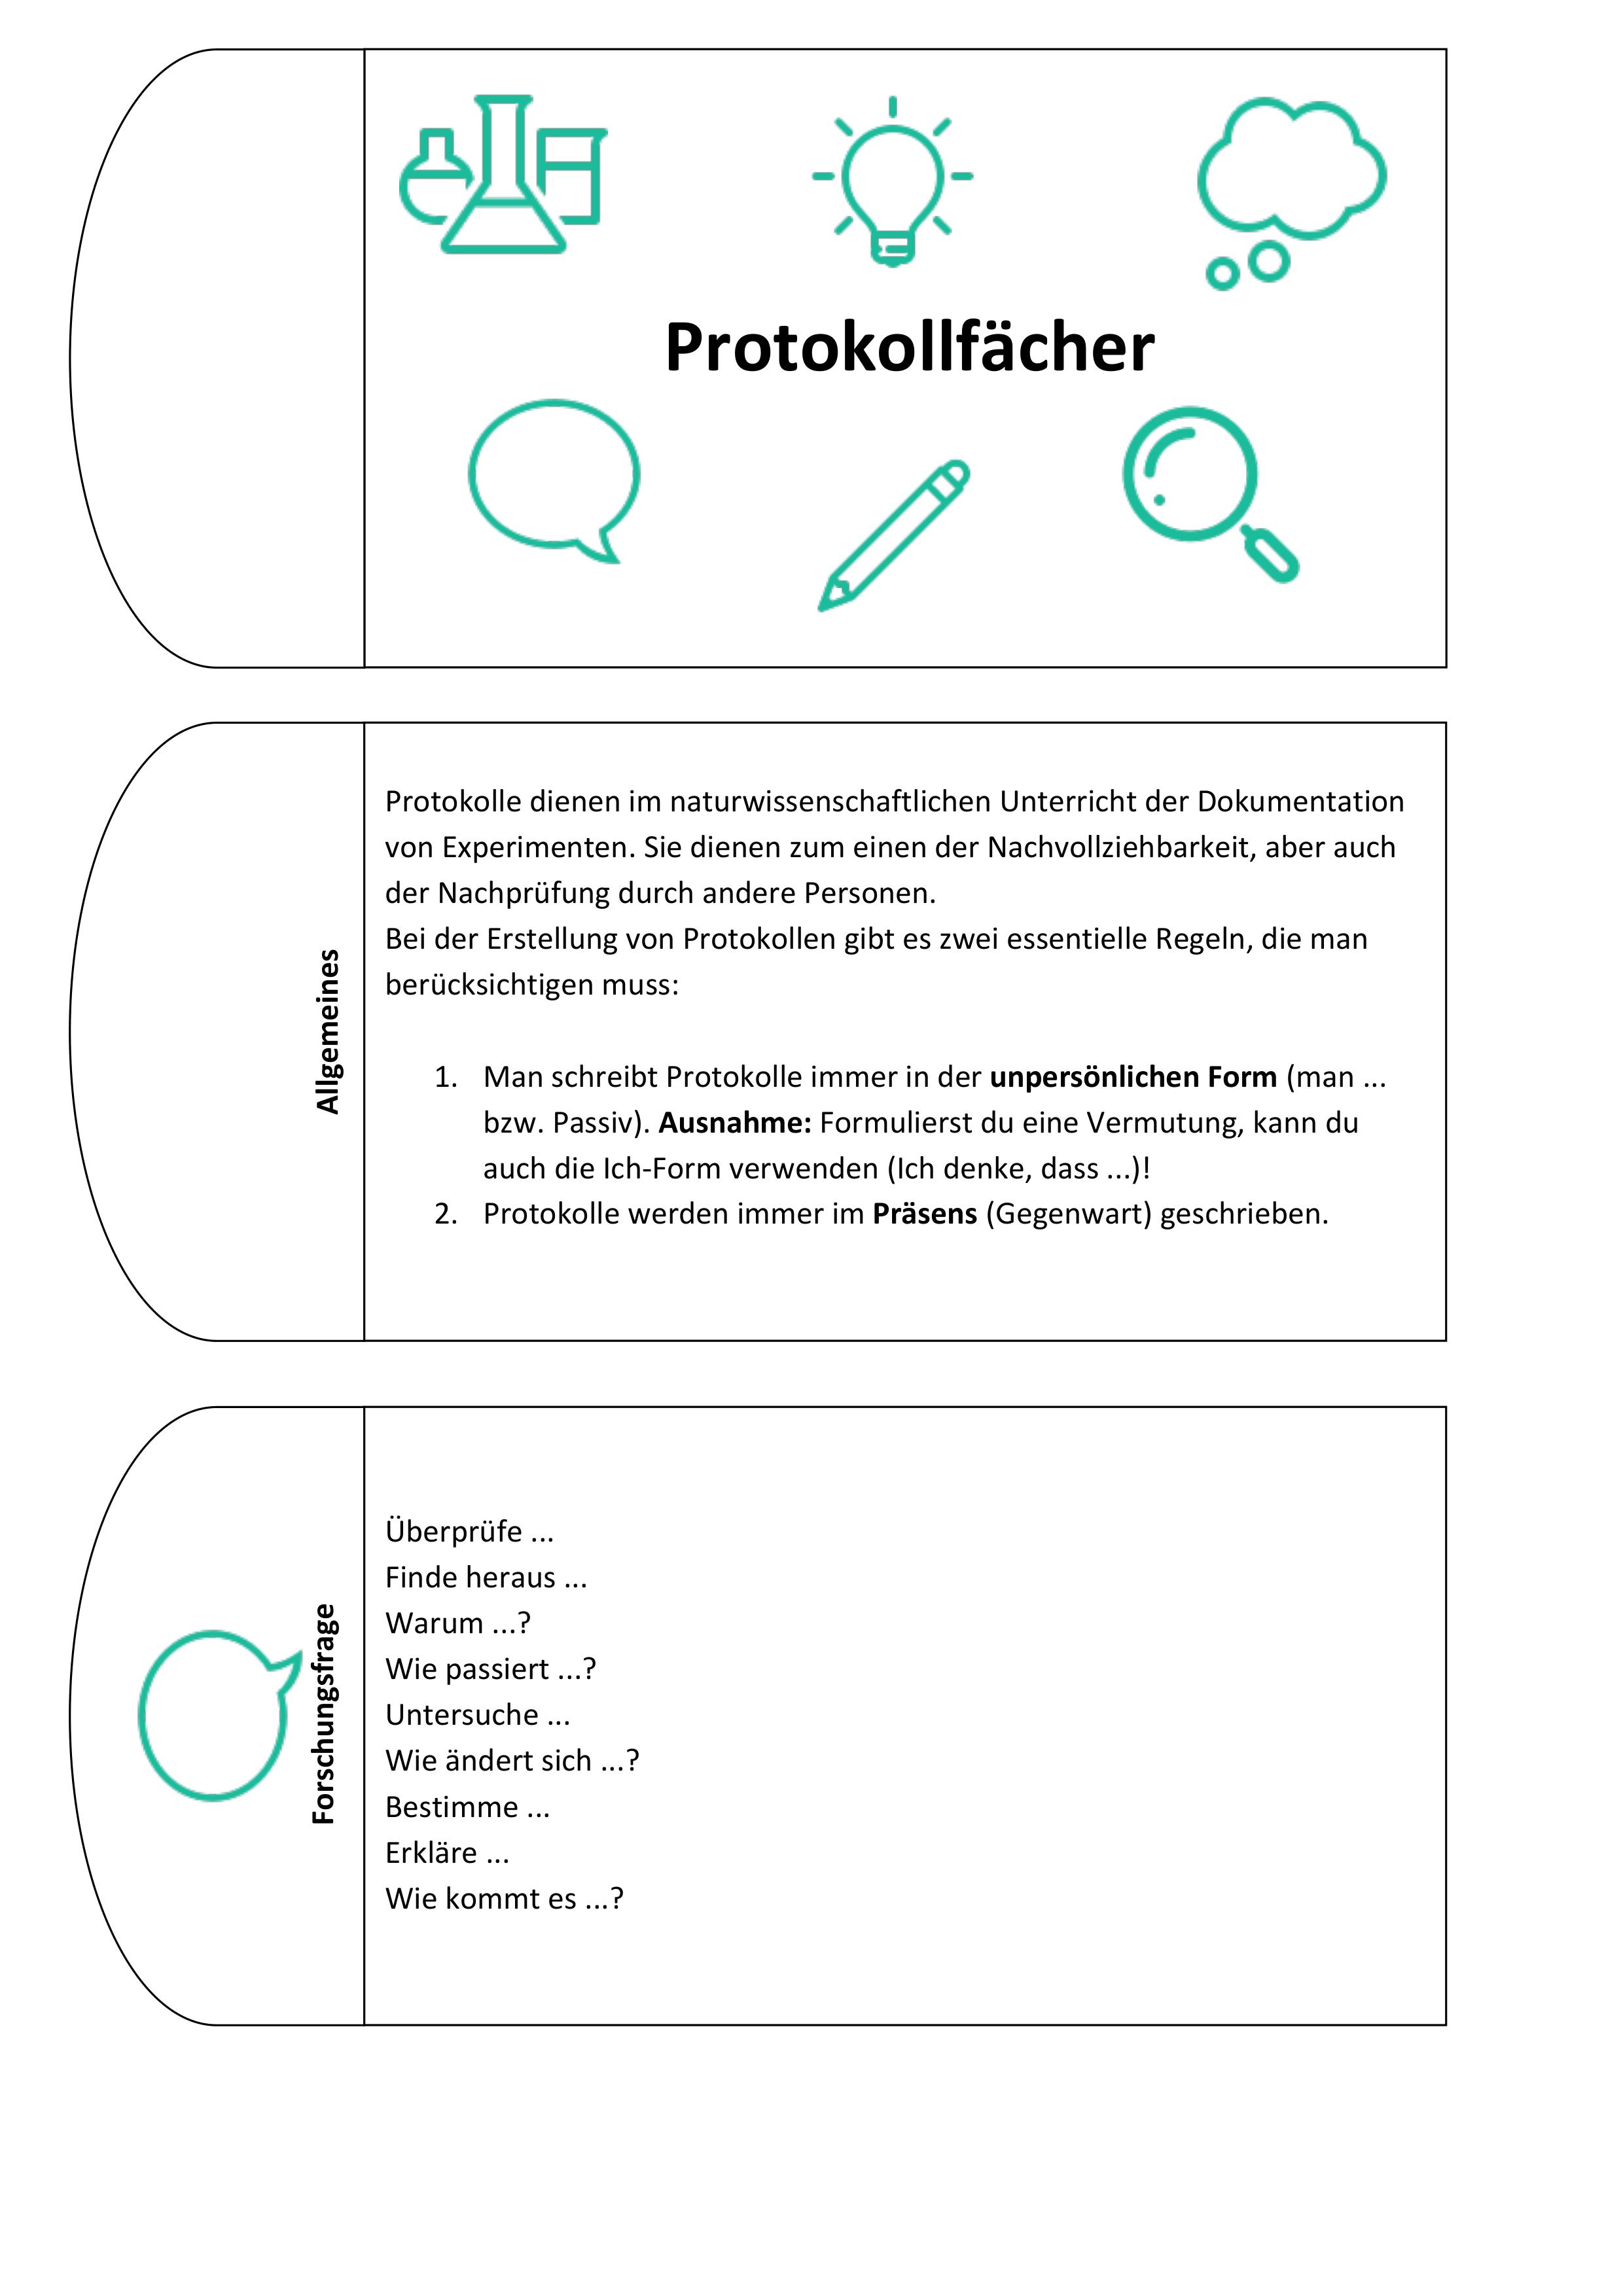 Protokollfacher Hilfestellung Fur Protokolle In Den Naturwissenschaftlichen Fachern Unterrichtsmaterial In Den Fachern Biologie Chemie Physik Wissenschaft Physik Hilfestellung